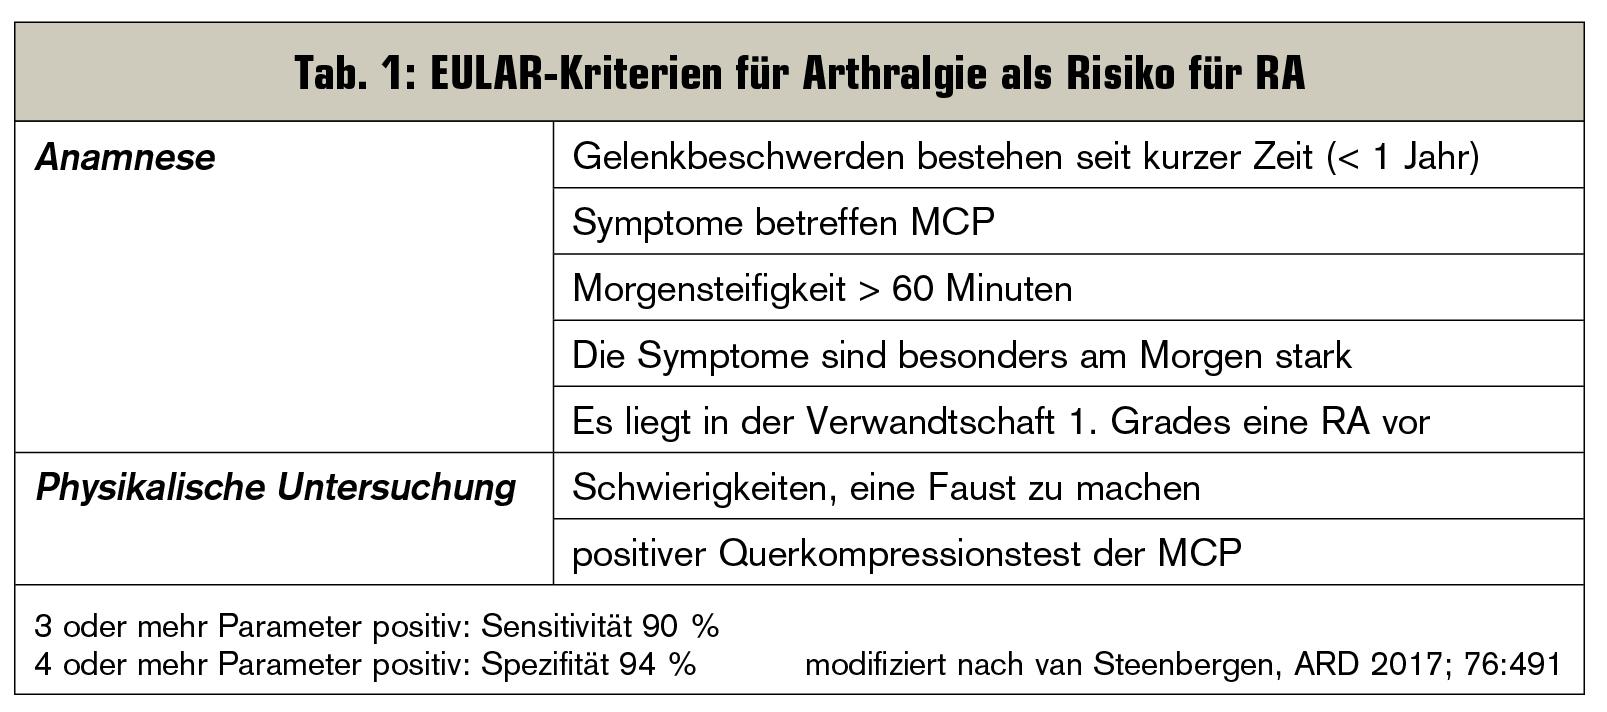 Berühmt Berufe Die Anatomie Betreffen Fotos - Anatomie Von ...